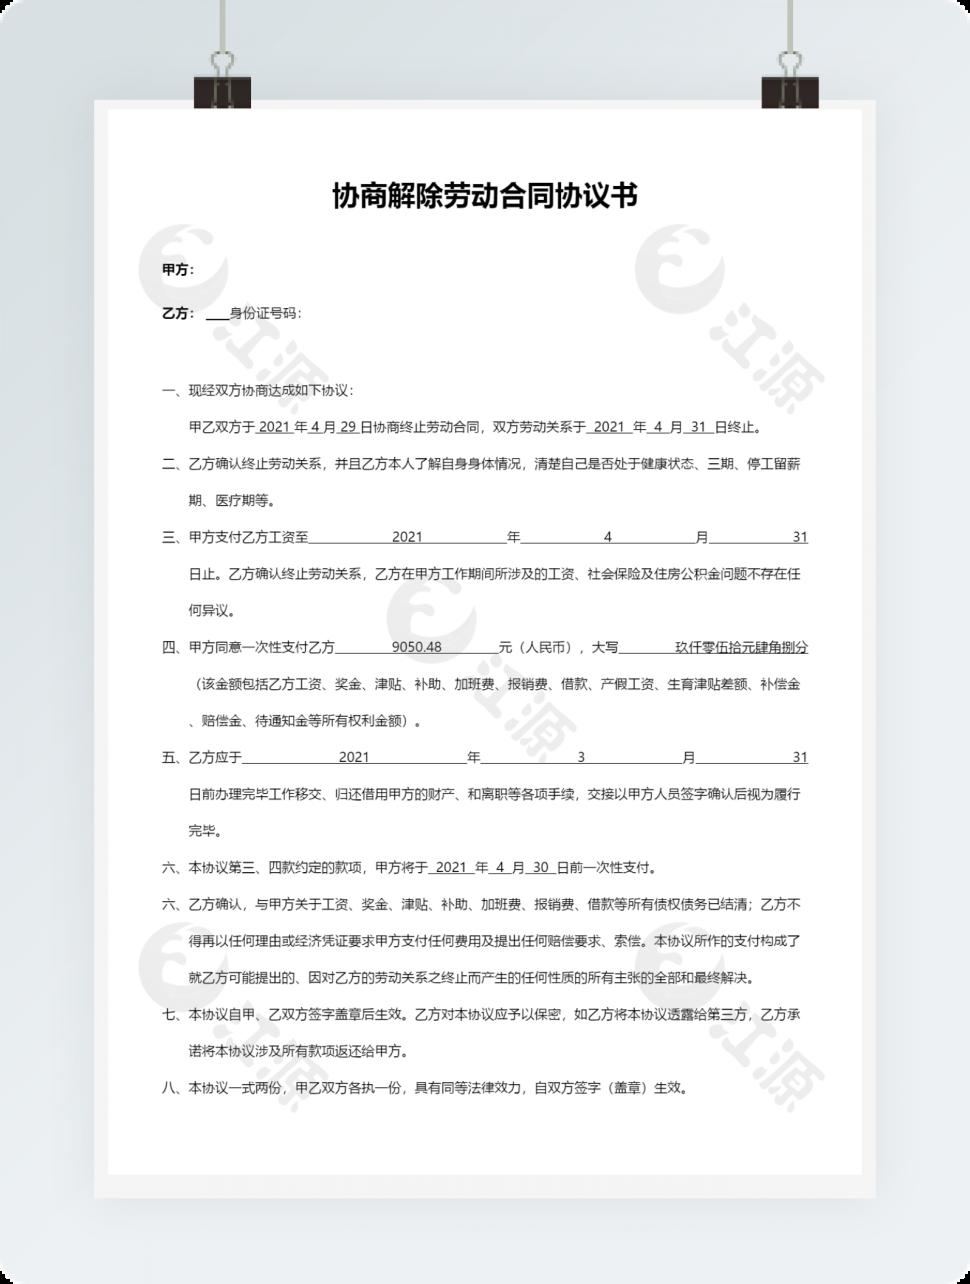 公司员工协商解除劳动合同协议书